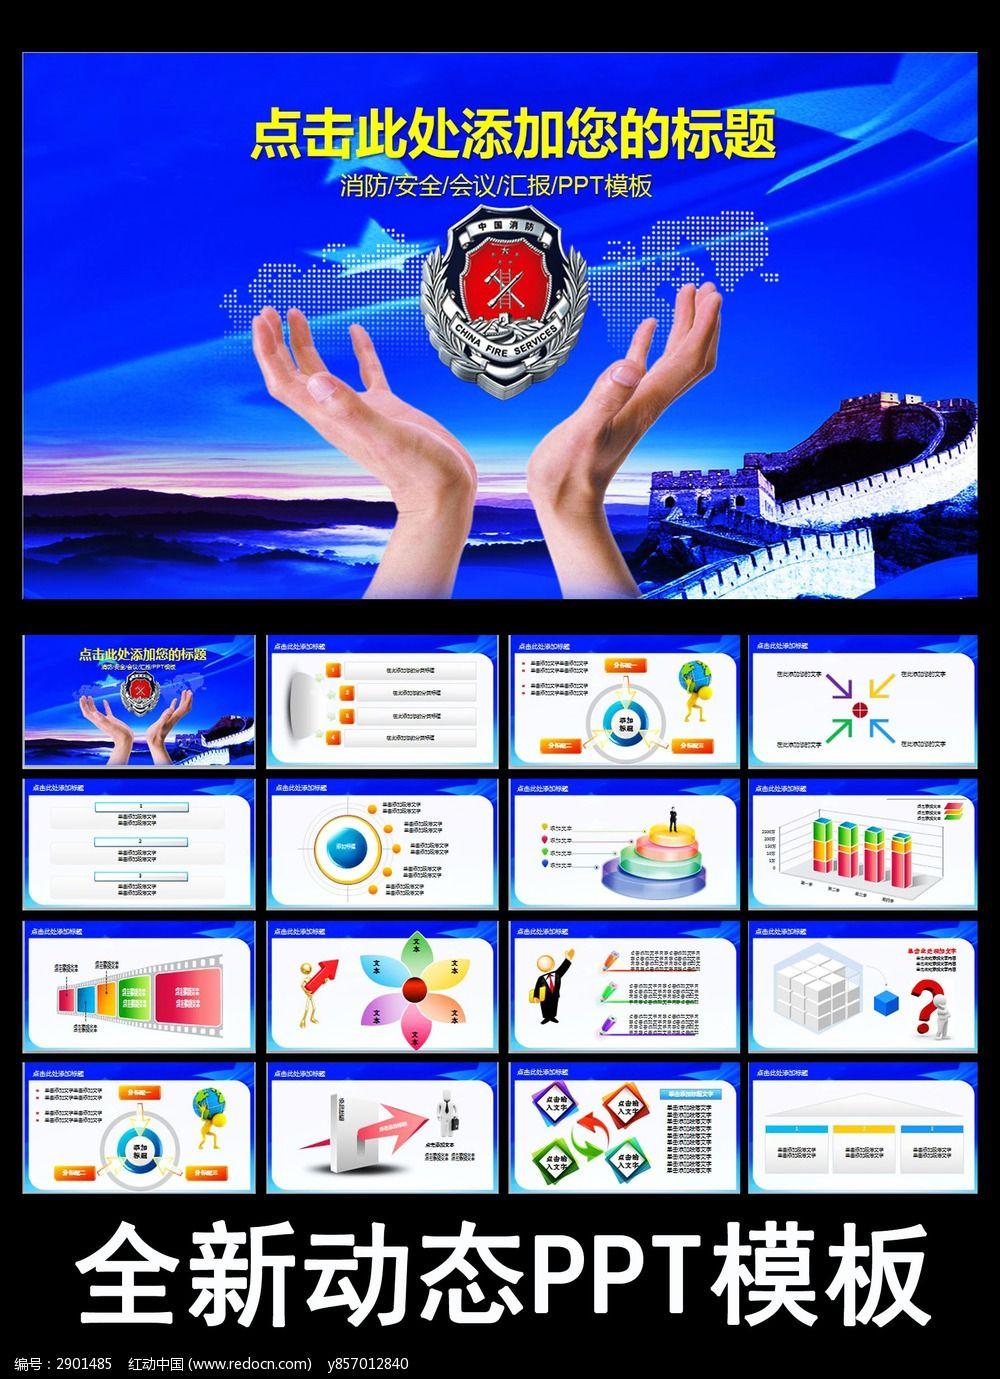 讲座 群众路线 工作 报告 汇报 计划 总结 动态 PPT 模板 模版 背景 幻